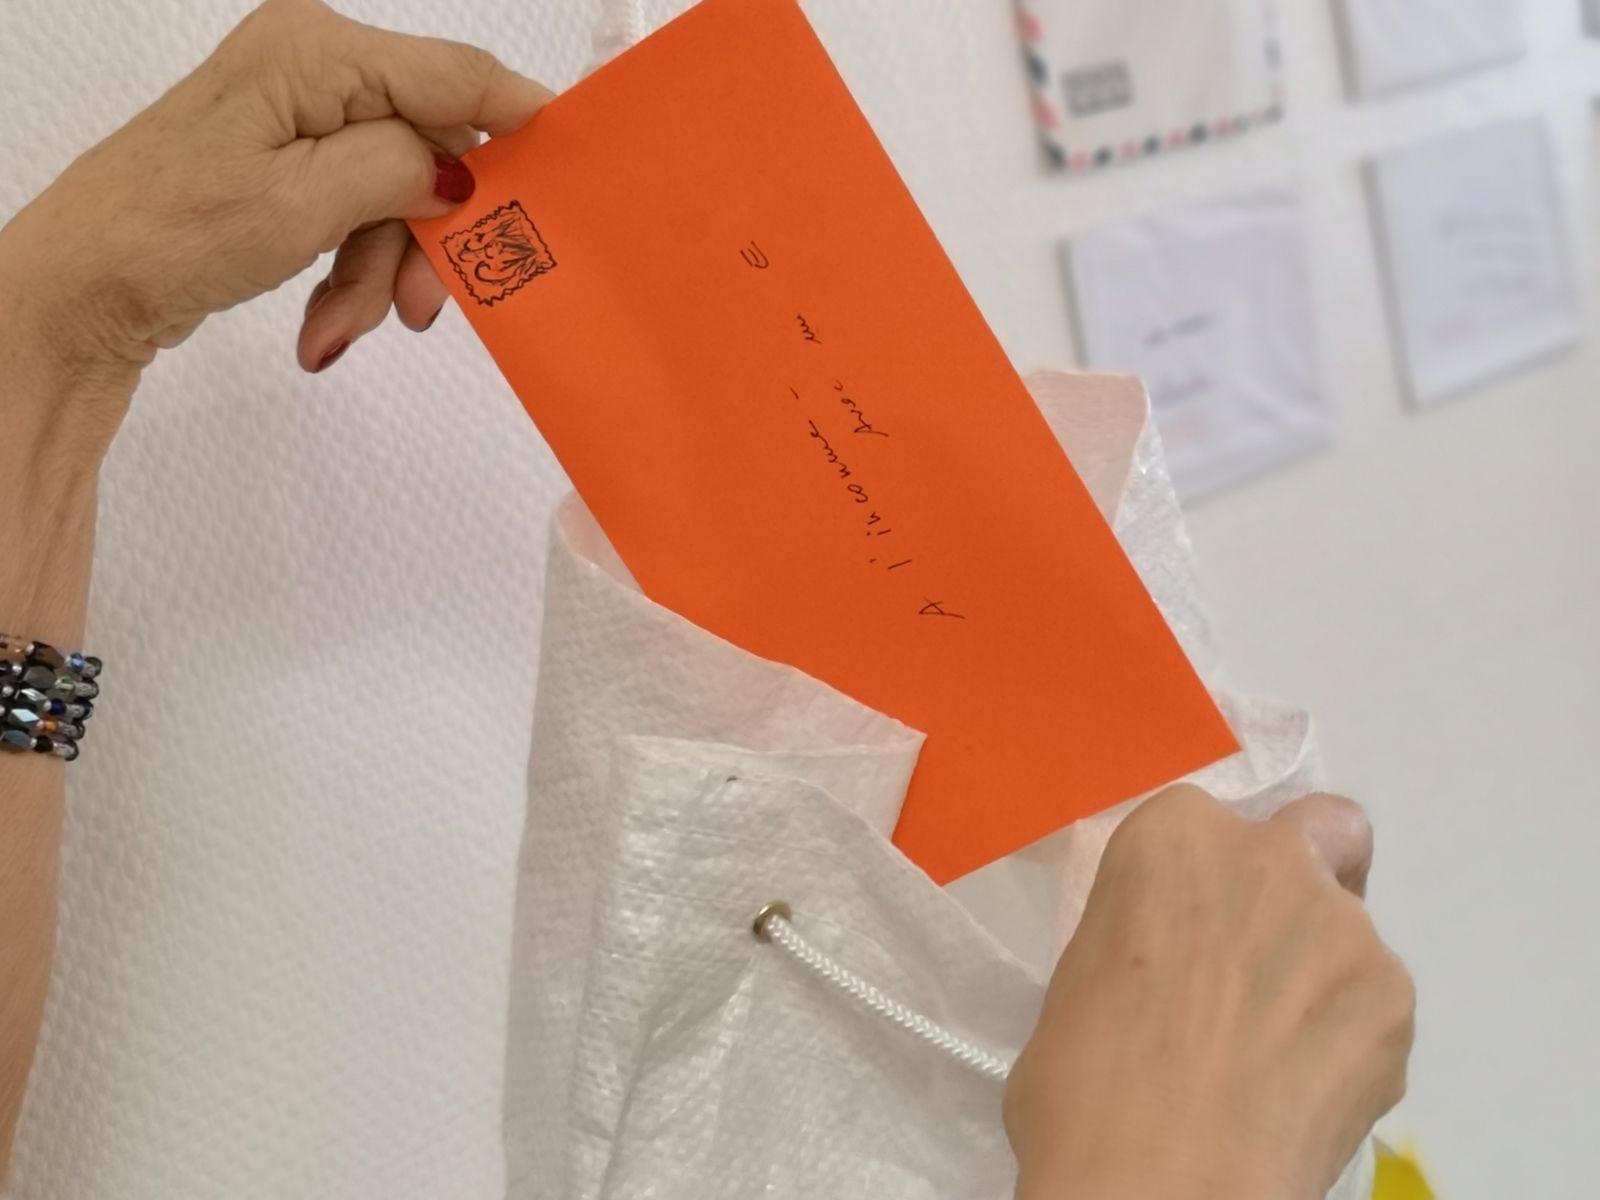 ...des ateliers d'écritures, des échanges de lettres entre inconnus